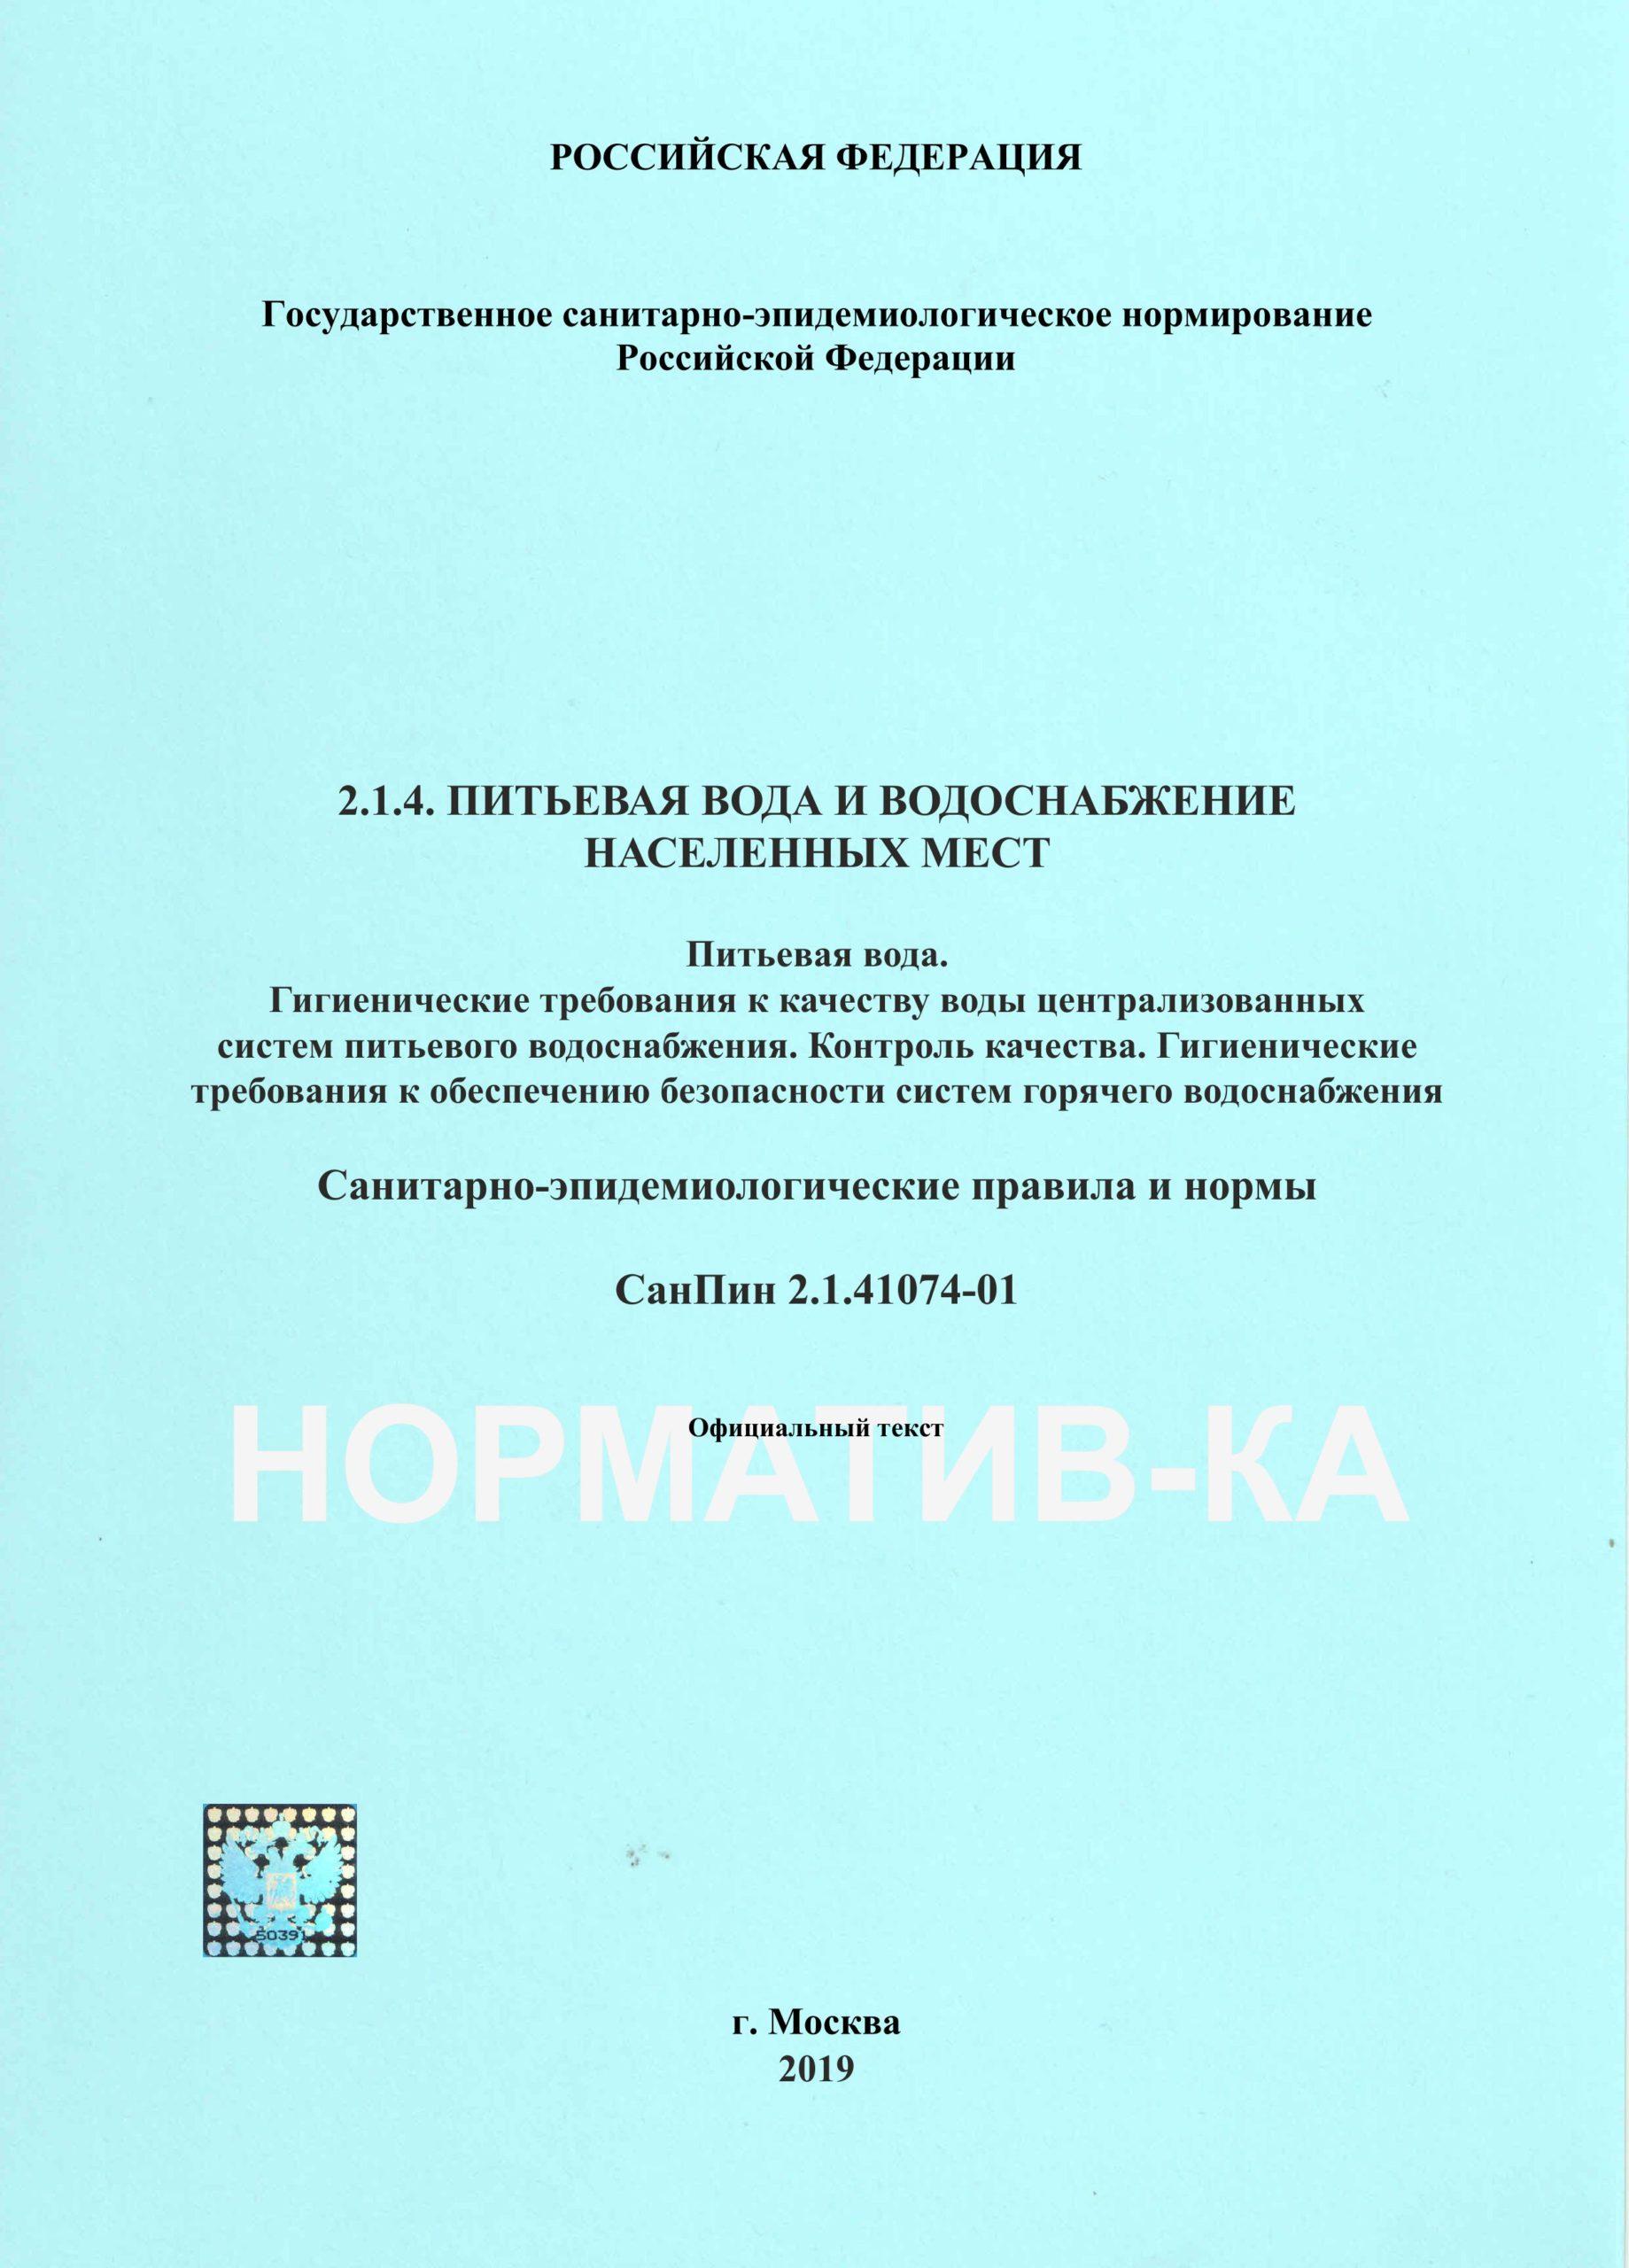 СанПин 2.1.41074-01